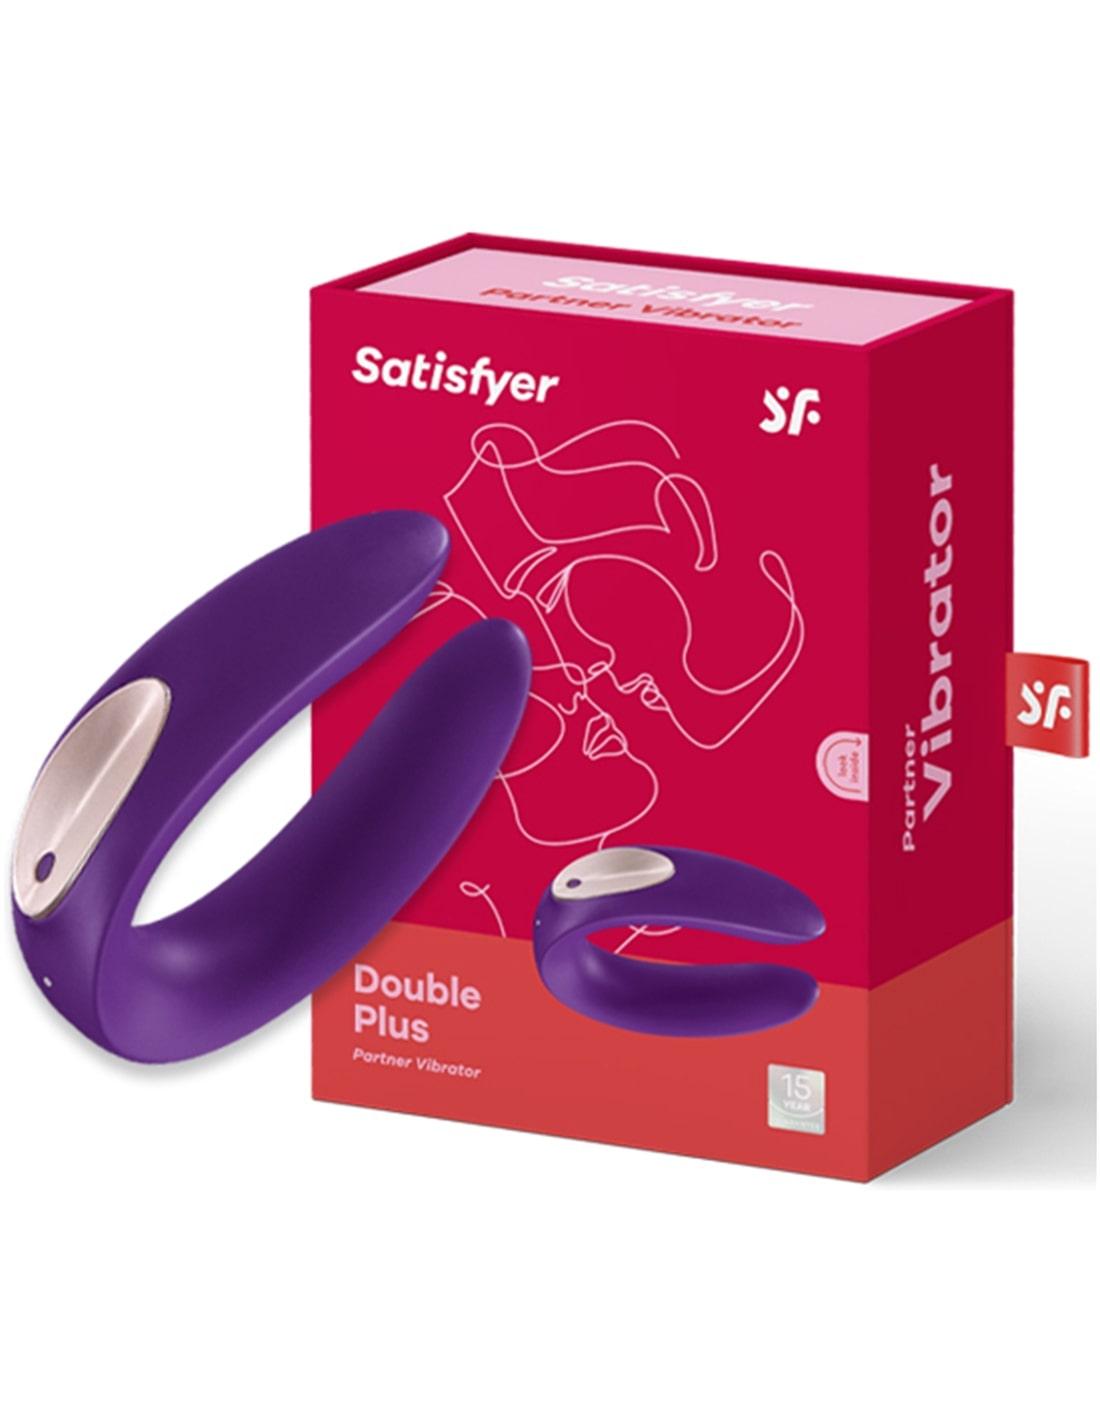 Vibrador para Casal Partner Plus com Carregador Usb - Roxo - PR2010343108